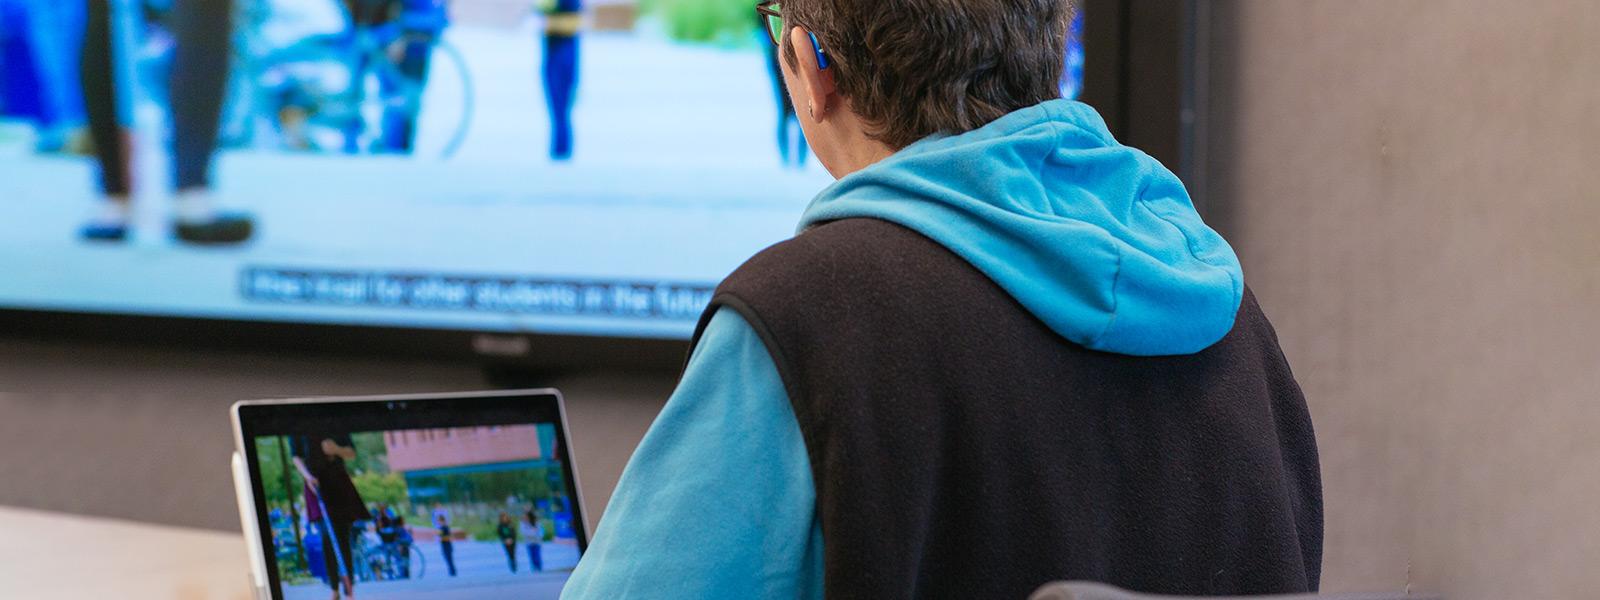 Žena koja koristi slušni aparat gleda videoprezentaciju s titlovima